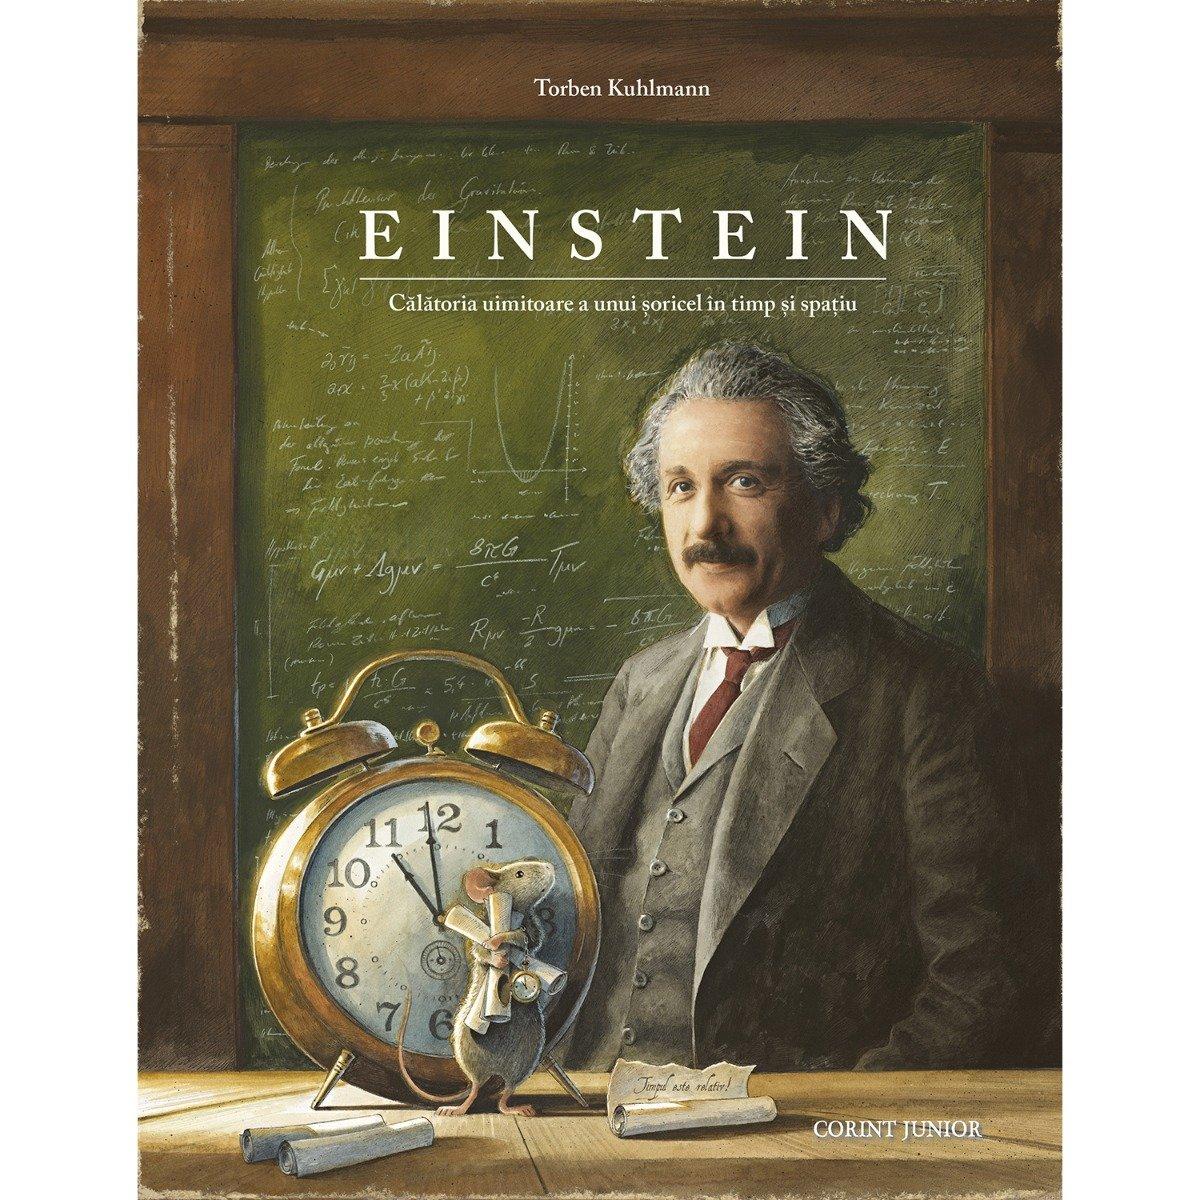 Einstein, Calatoria uimitoare a unui soricel in timp si spatiu, Torben Kuhlmann